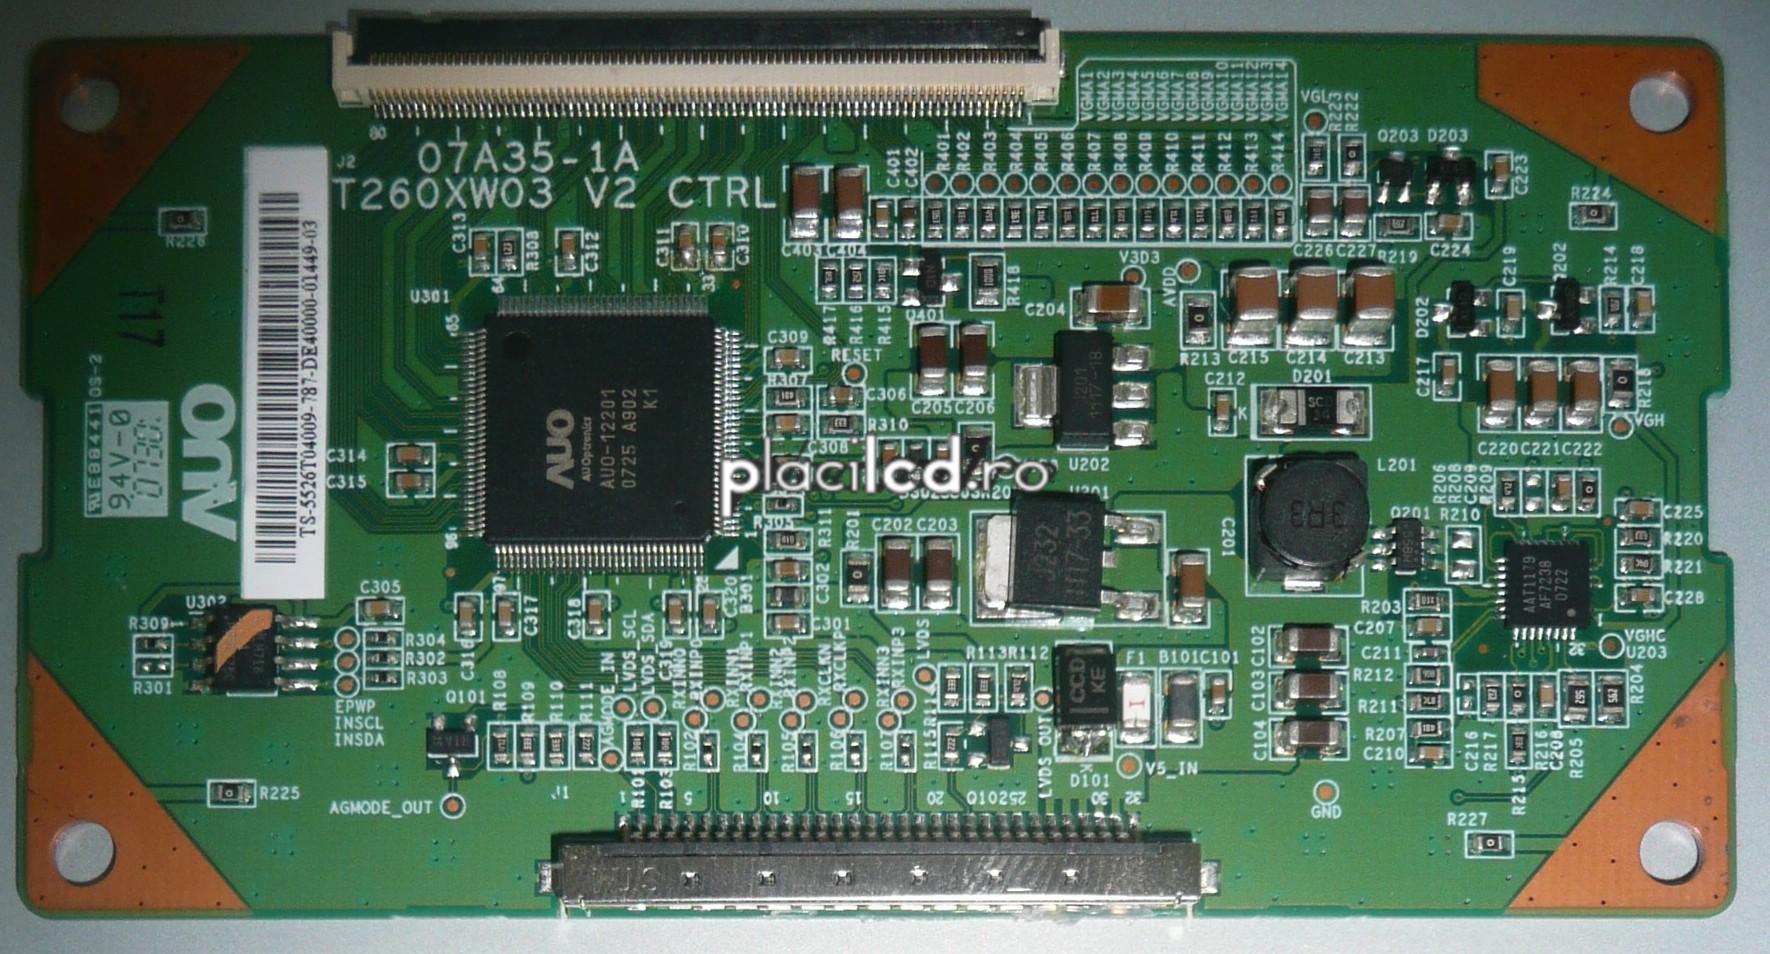 Placa LVDS T260XW03 V2 (07A35-1A)